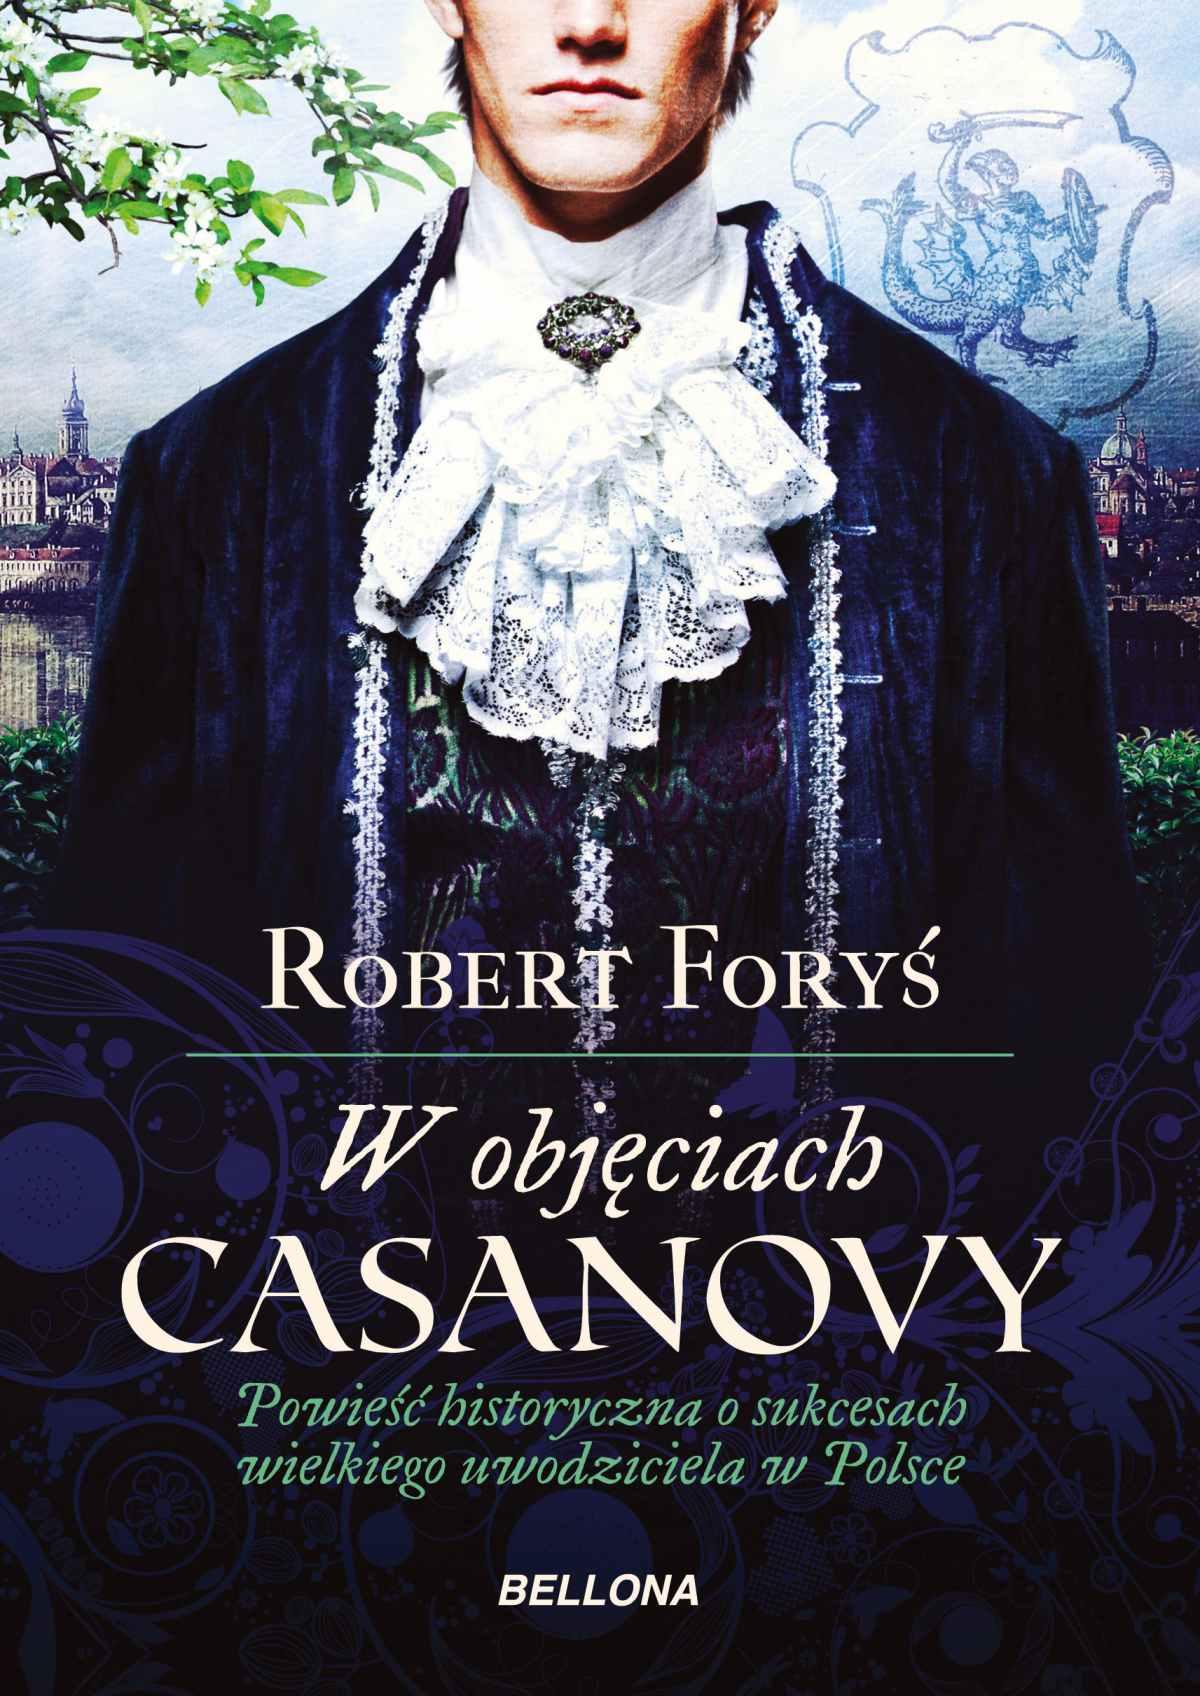 W objęciach Casanowy - Ebook (Książka EPUB) do pobrania w formacie EPUB